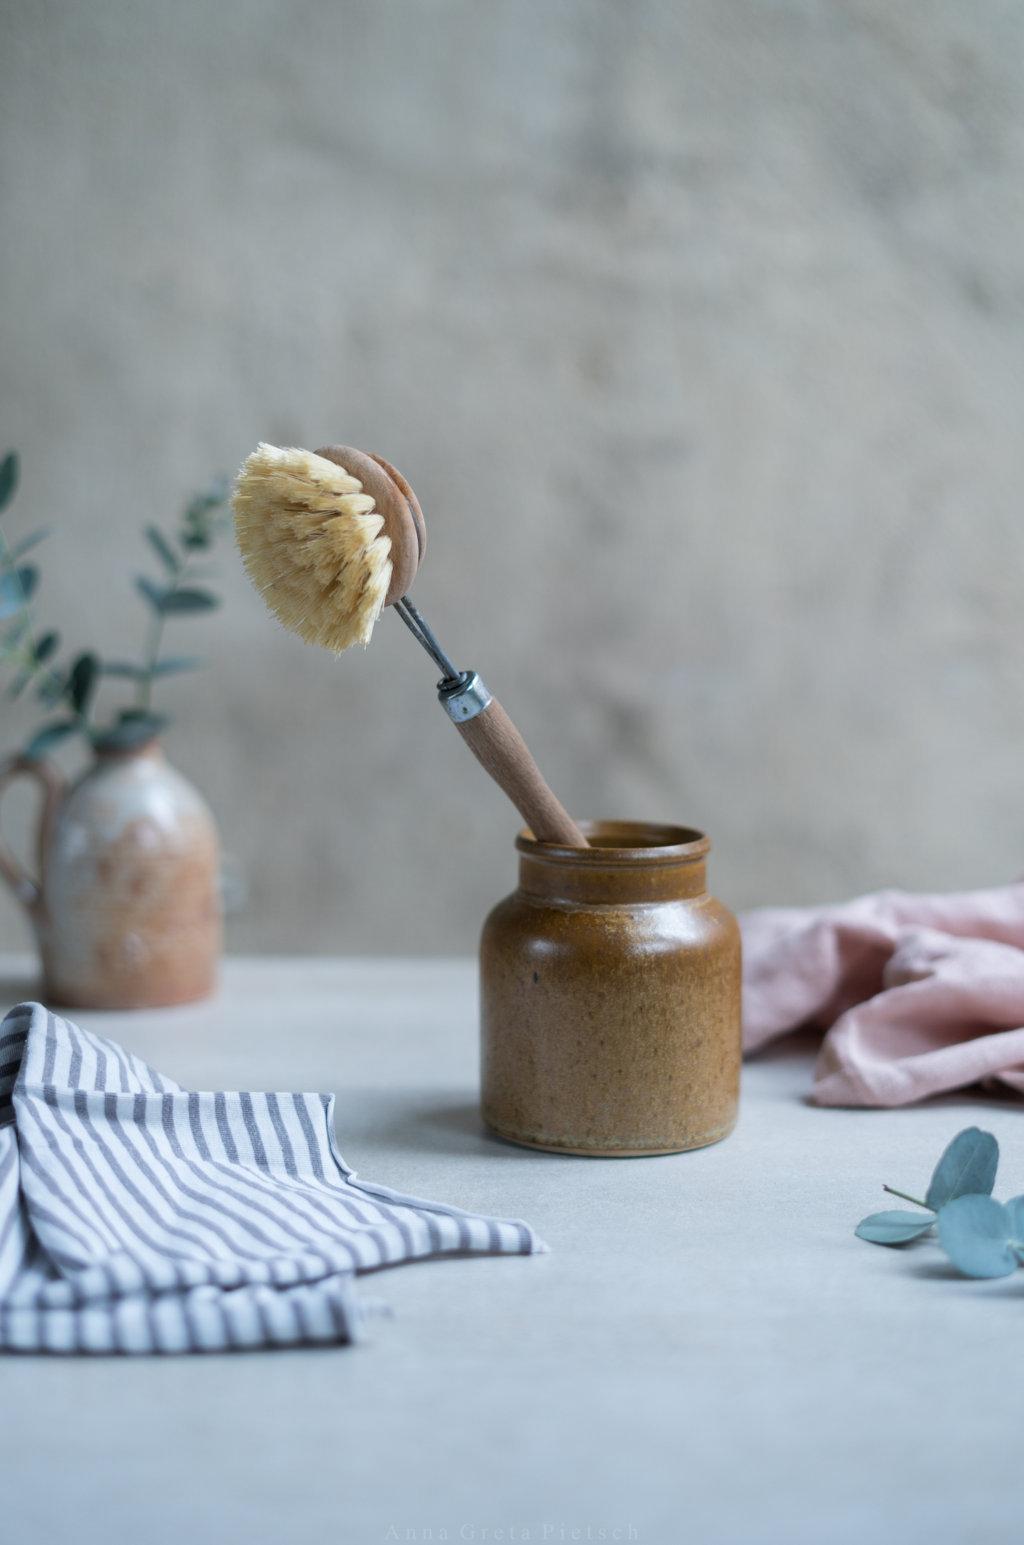 Auch Spülbürsten aus natürlichen Materialien können eine Alternative sein.